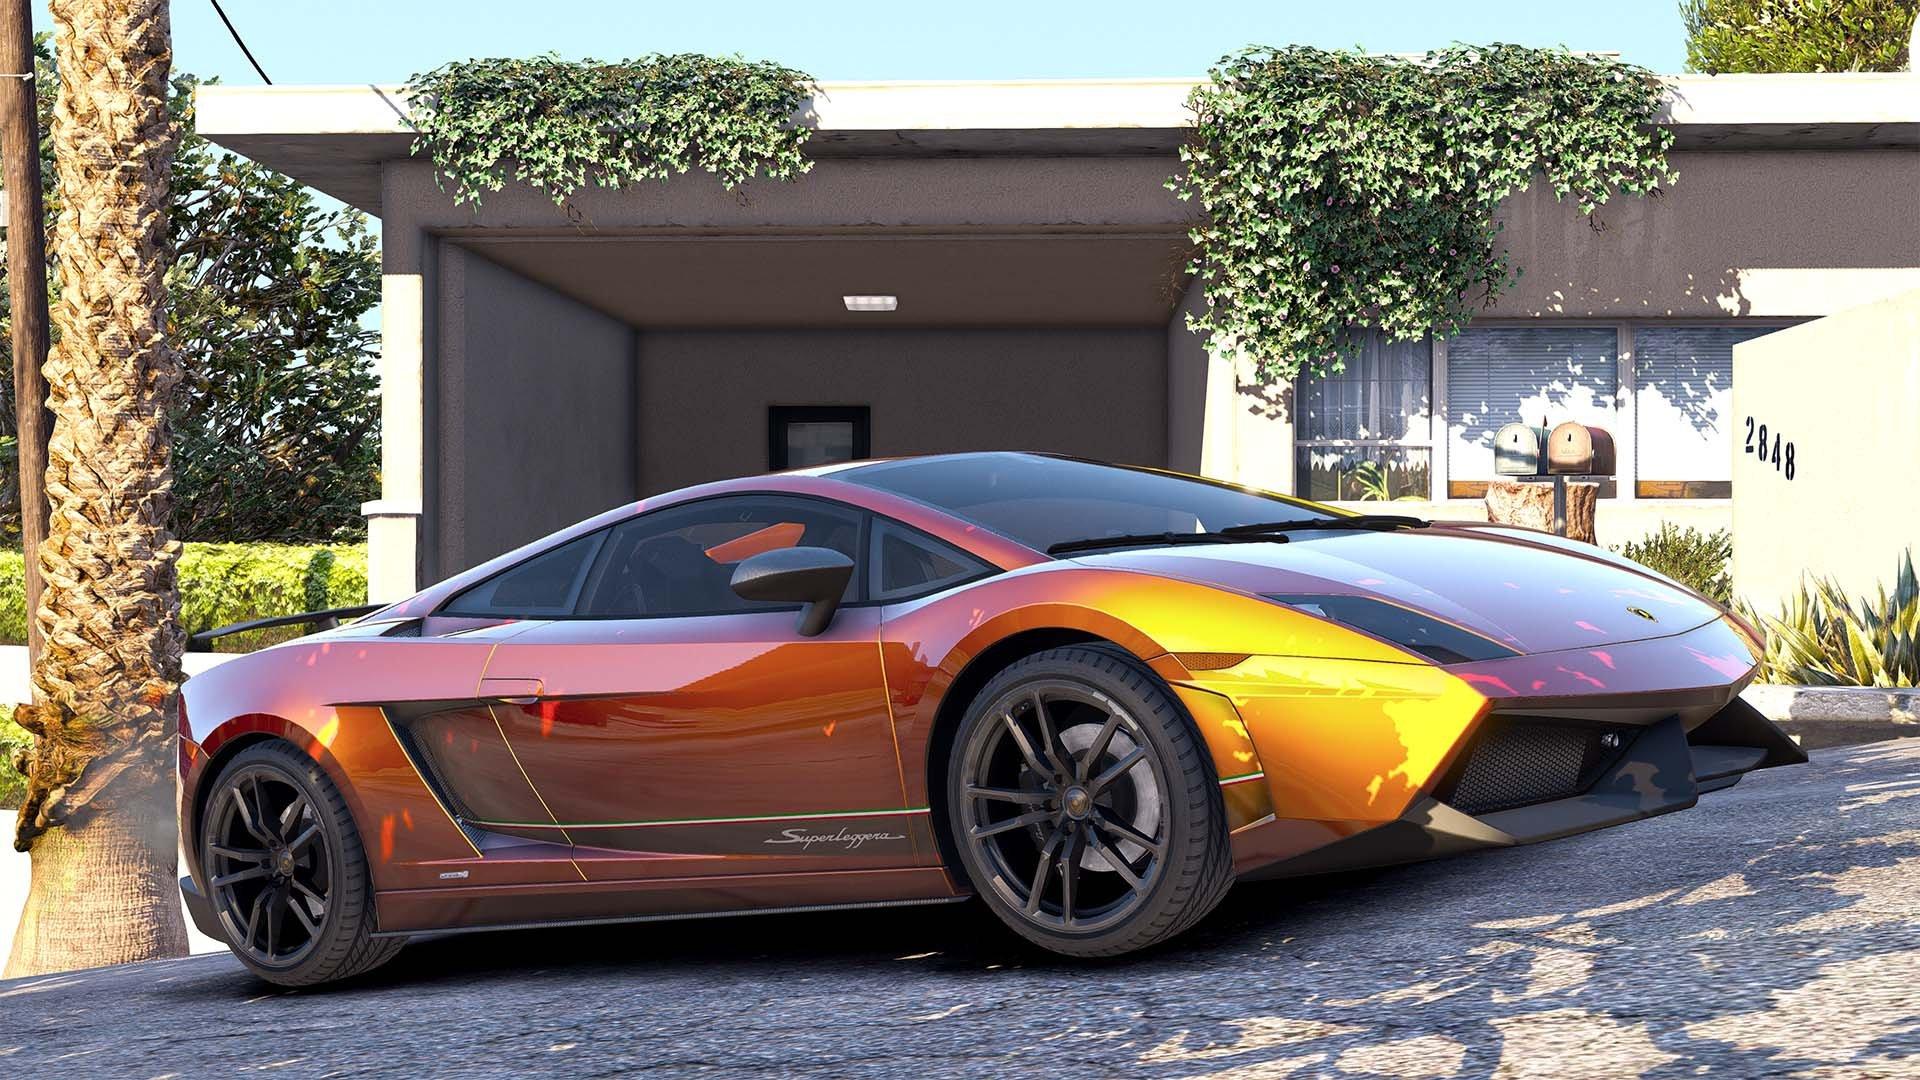 f0c8bb-2 Inspiring Bugatti Veyron Vs Lamborghini Gallardo Cars Trend